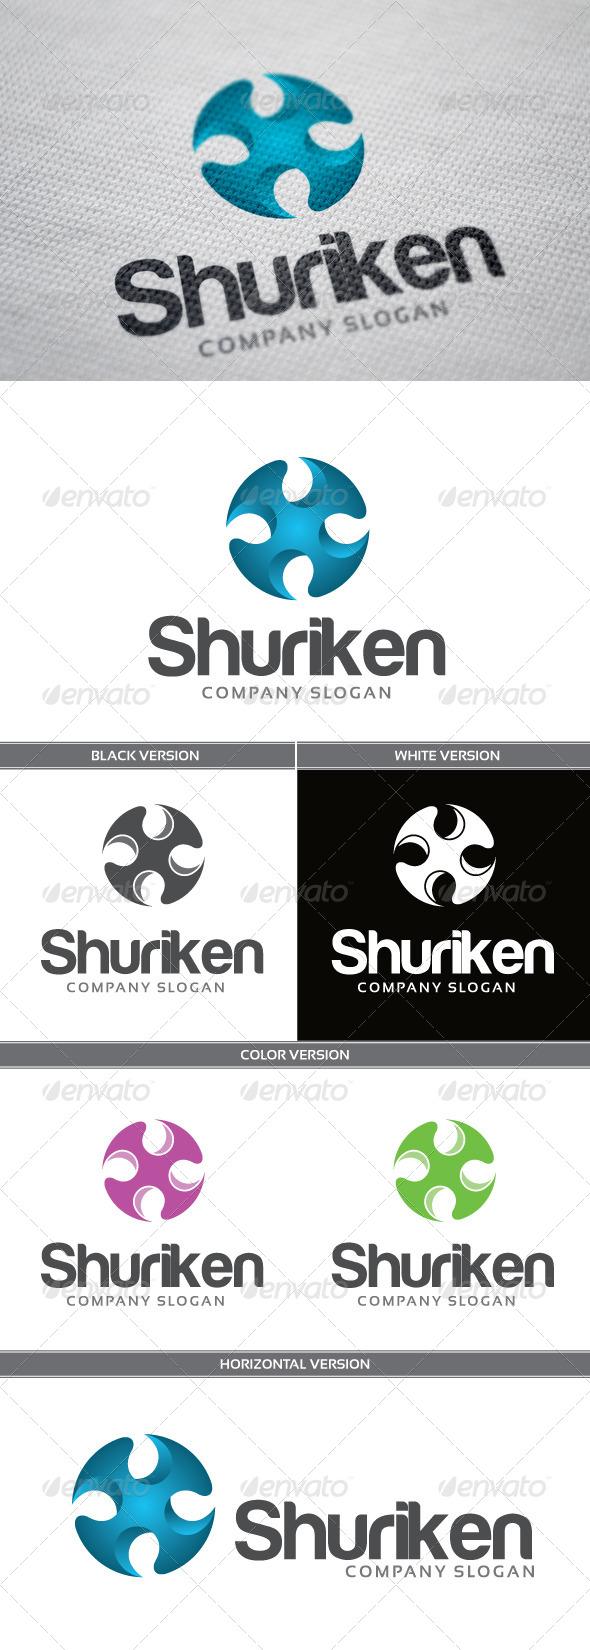 GraphicRiver Shuriken 6878286